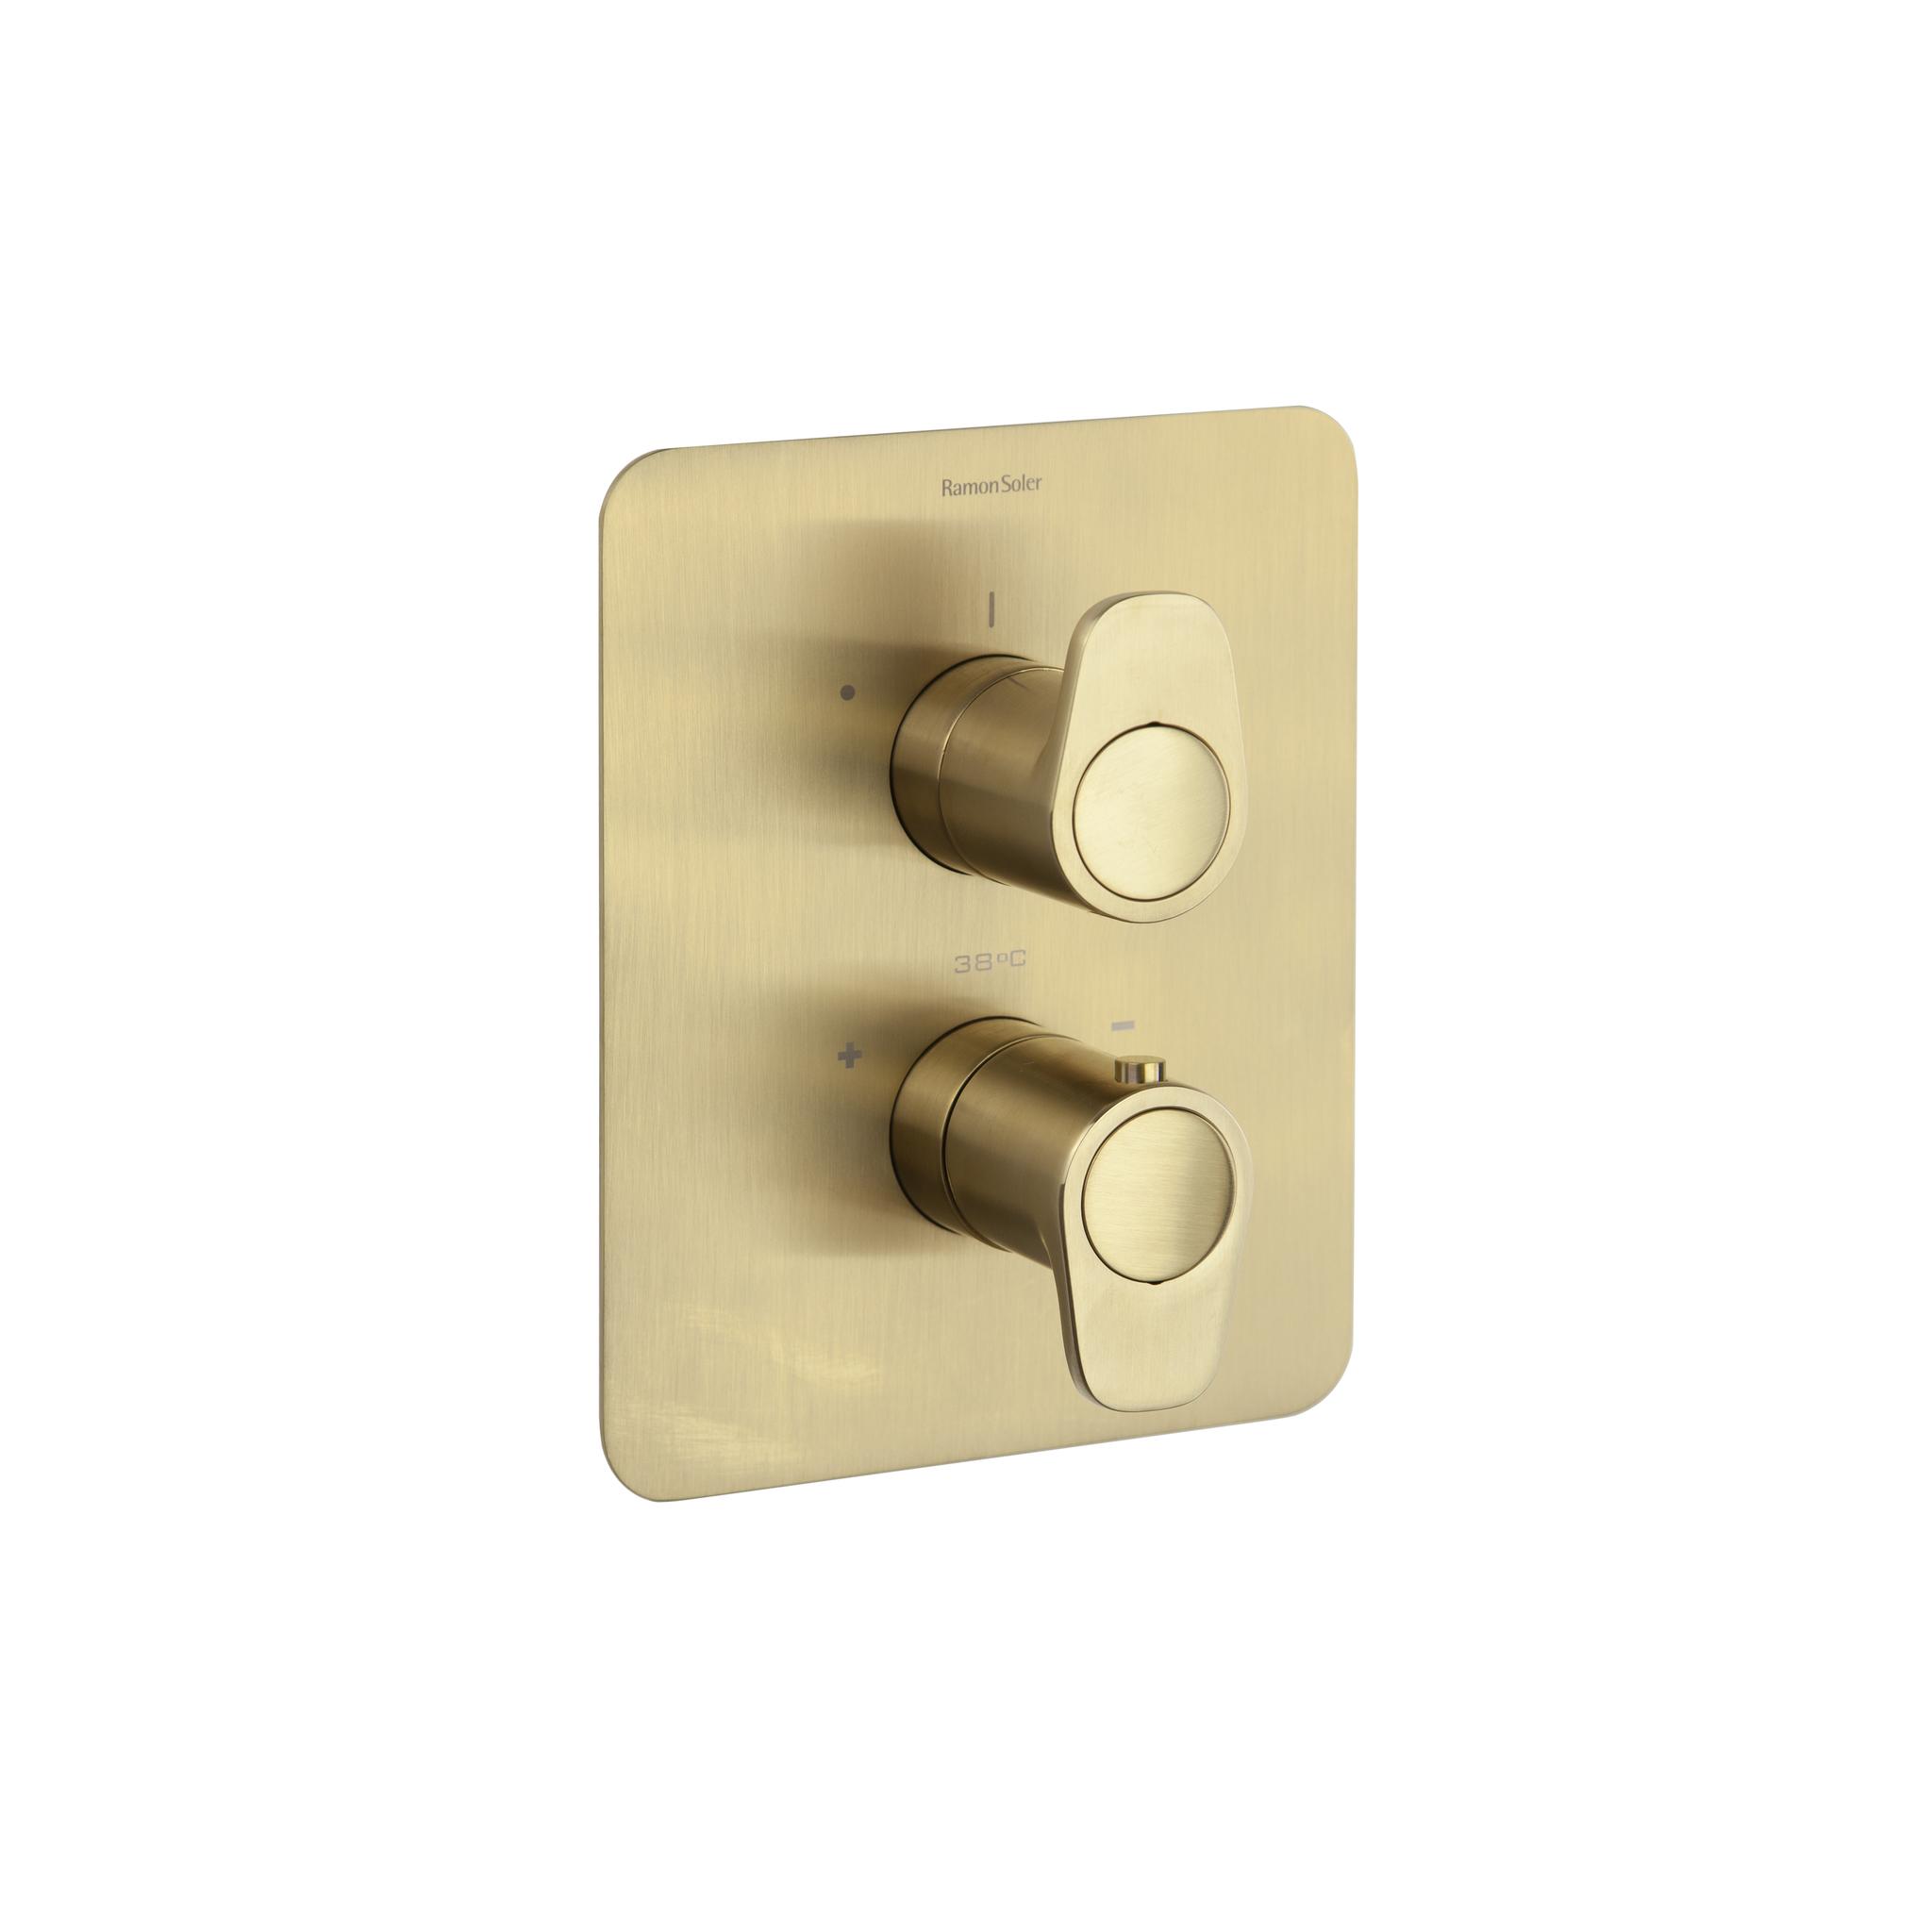 Встраиваемый термостатический смеситель для душа ALEXIA 368712SOC золотой, на 2 выхода